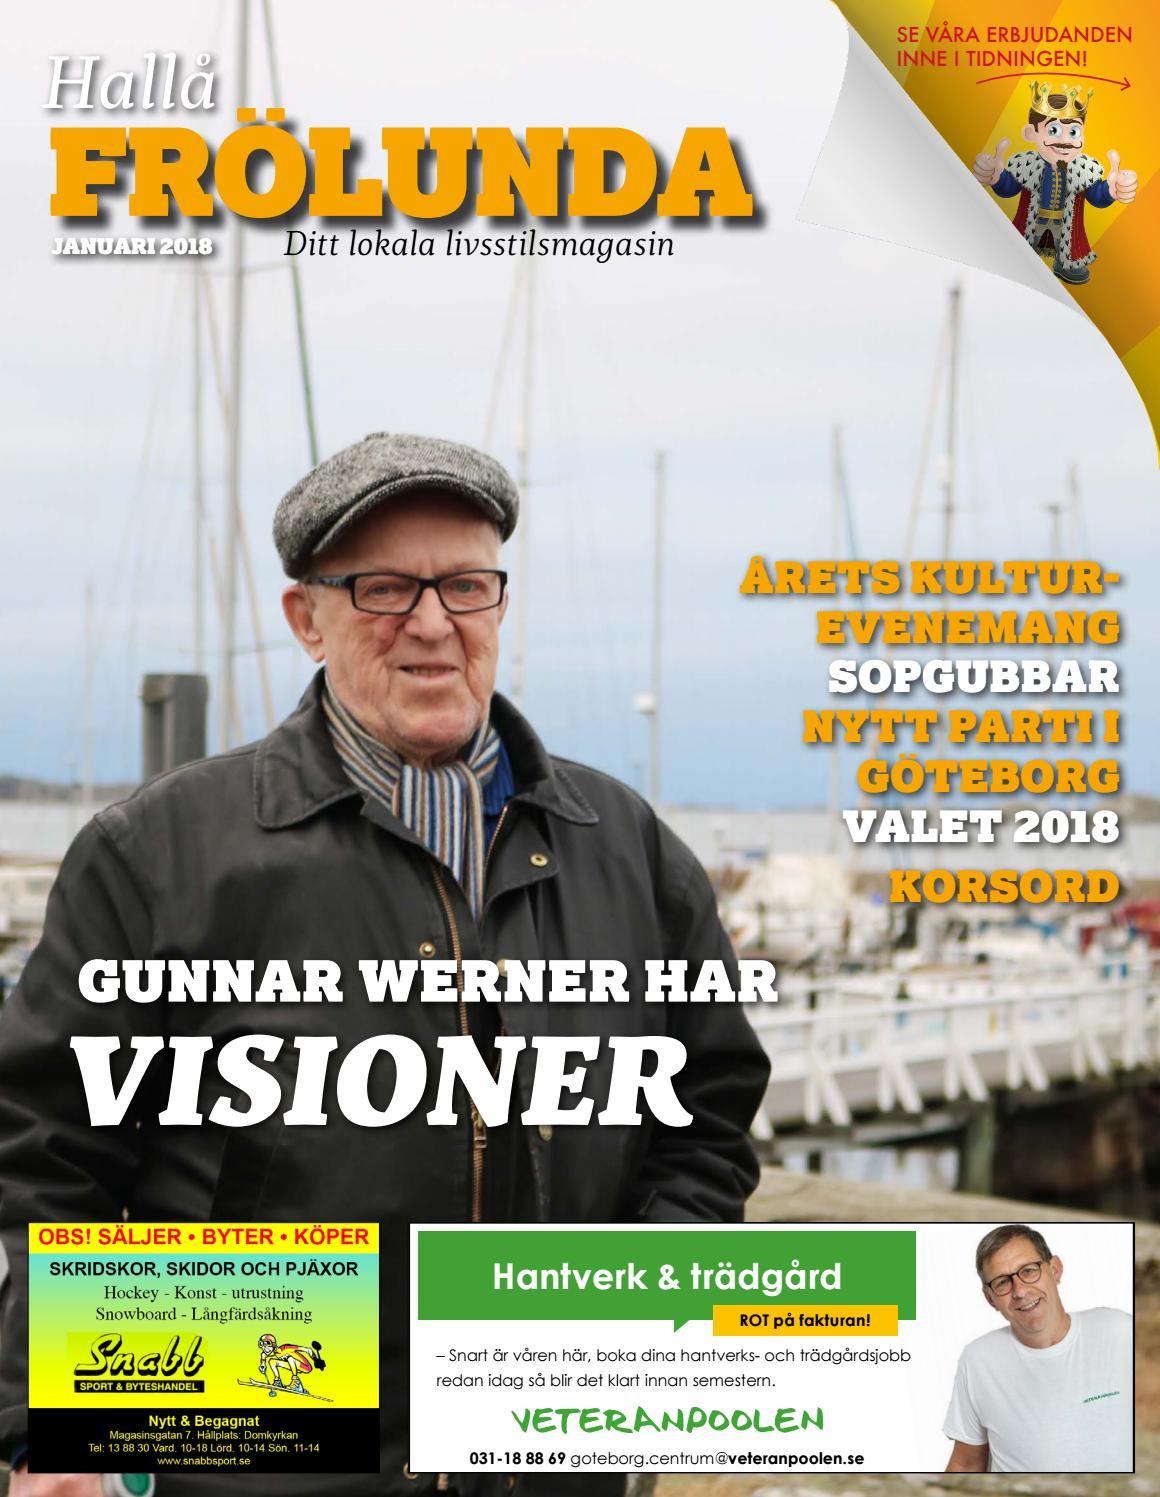 Hallå Frölunda Jan 2018 by MediaKonsult - issuu ec54ccd1625d8